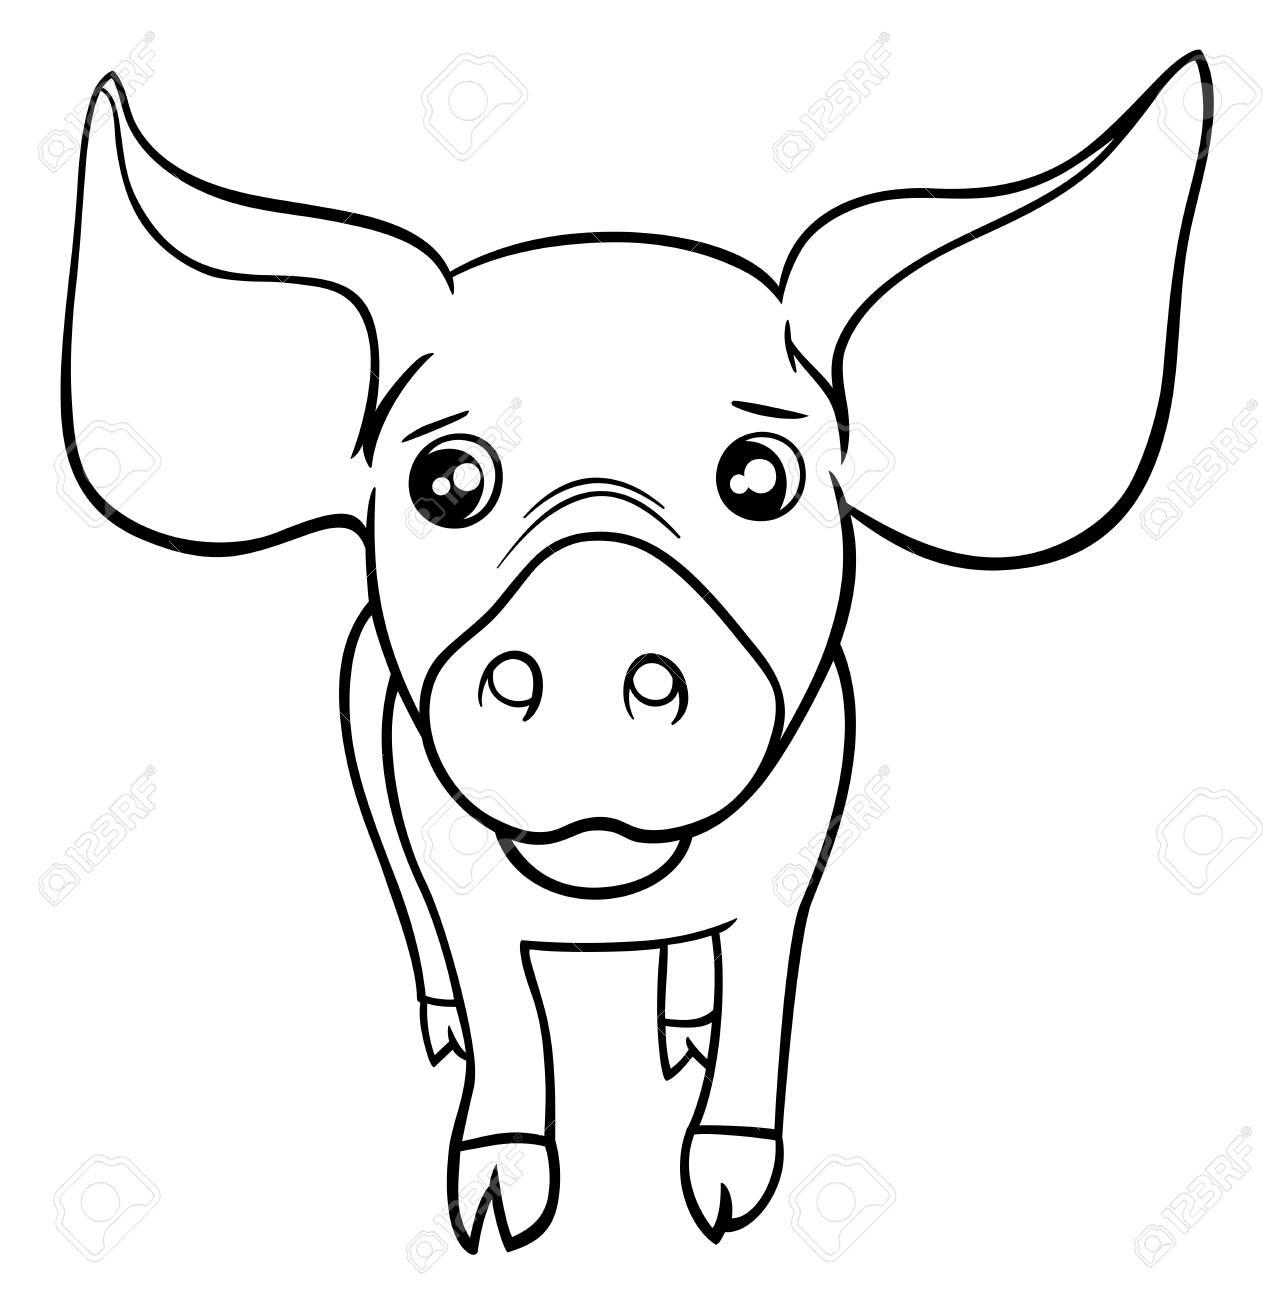 Illustration En Noir Et Blanc De Dessin Animé Mignon Petit Cochon Ou  Caractère Animal Porcelet Ferme Coloriage encequiconcerne Dessin À Colorier Cochon